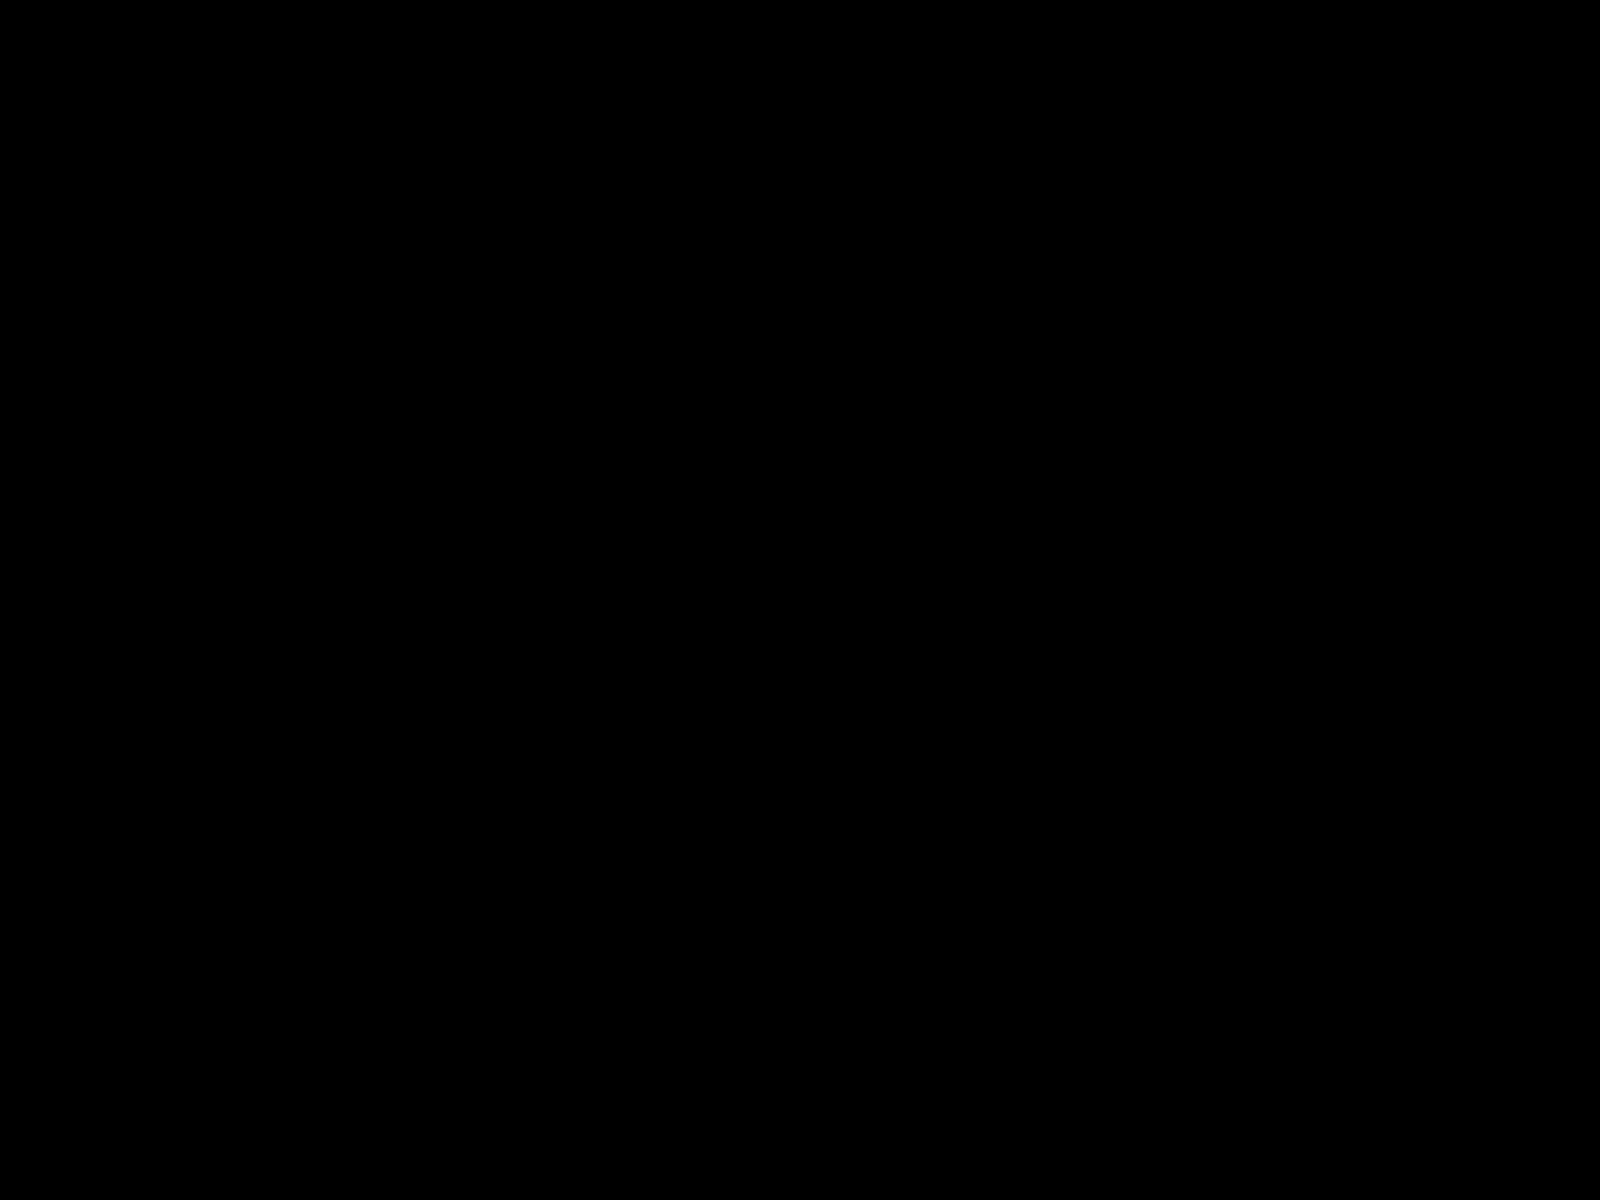 dsc__10_1